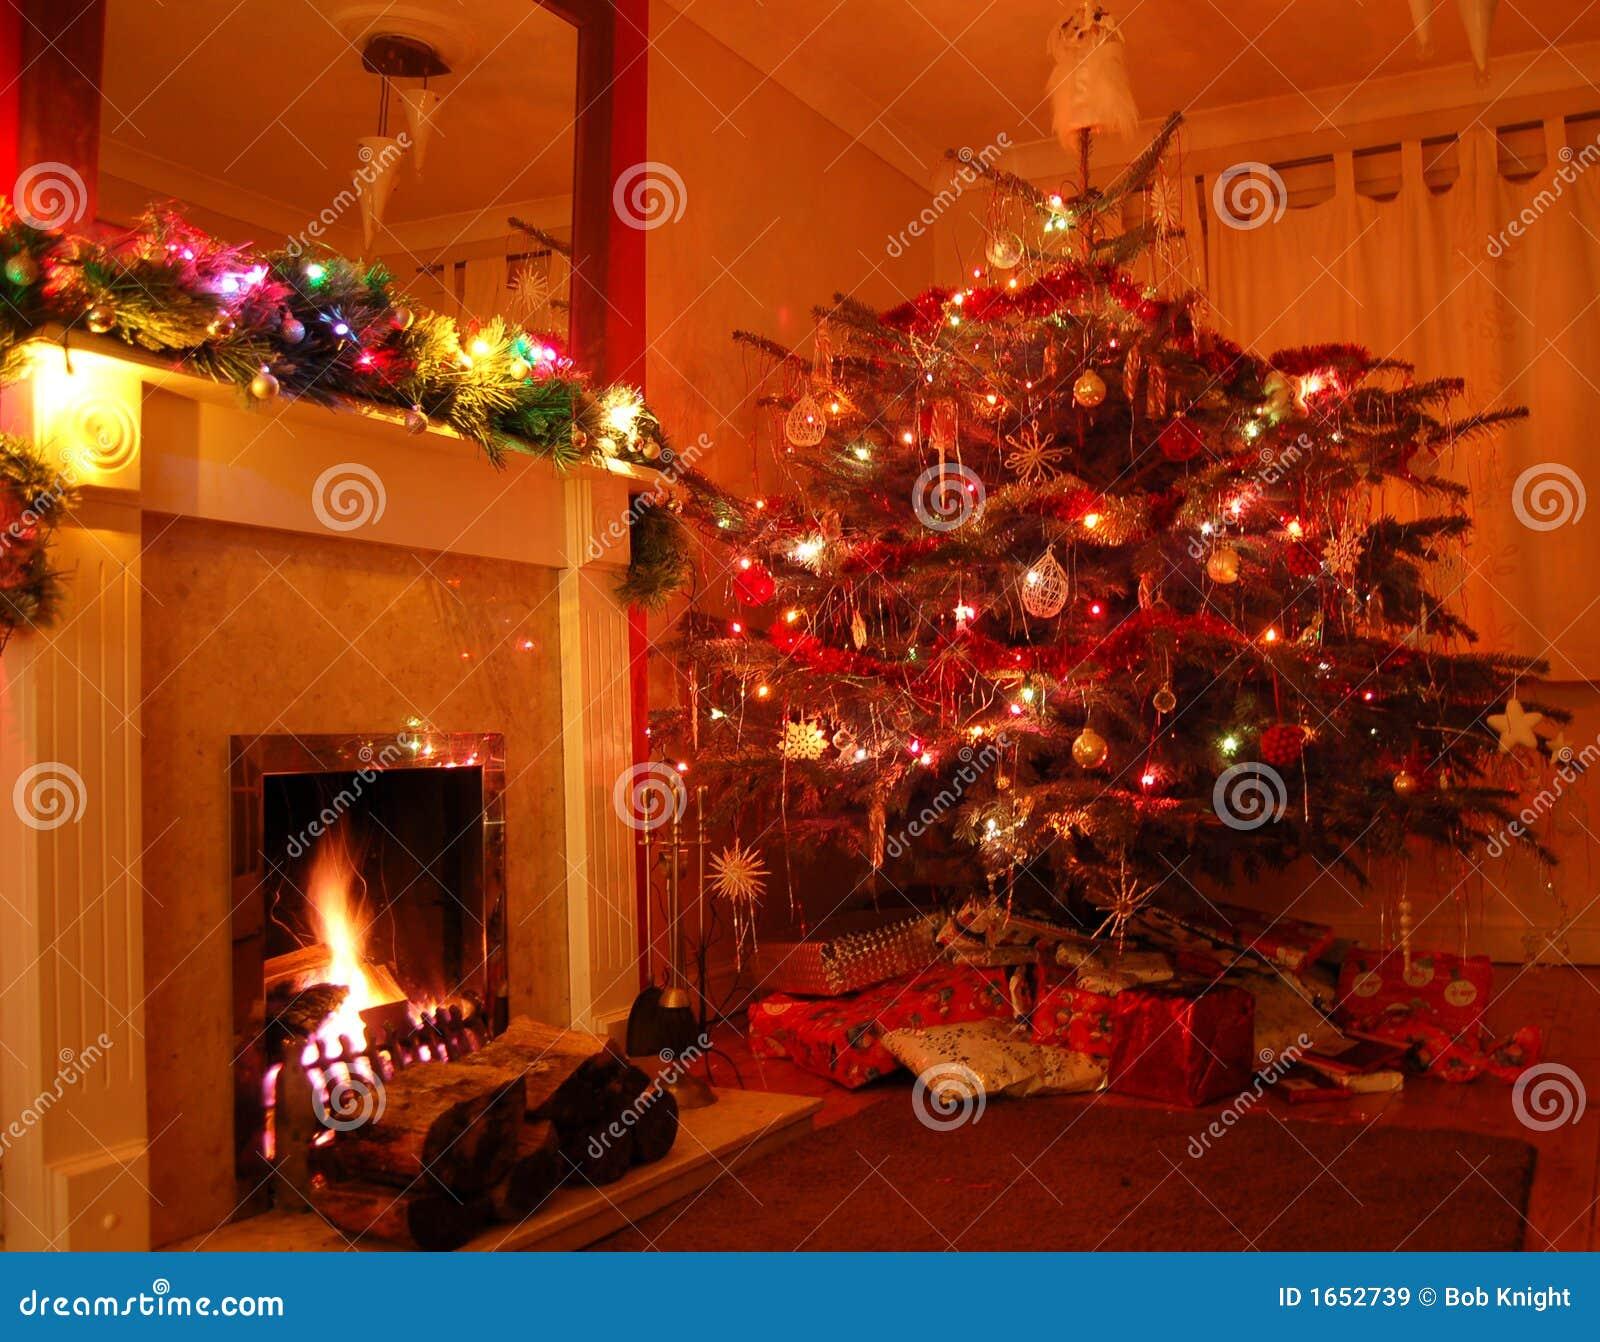 weihnachten zu hause stockbild bild von w rme geschenke. Black Bedroom Furniture Sets. Home Design Ideas